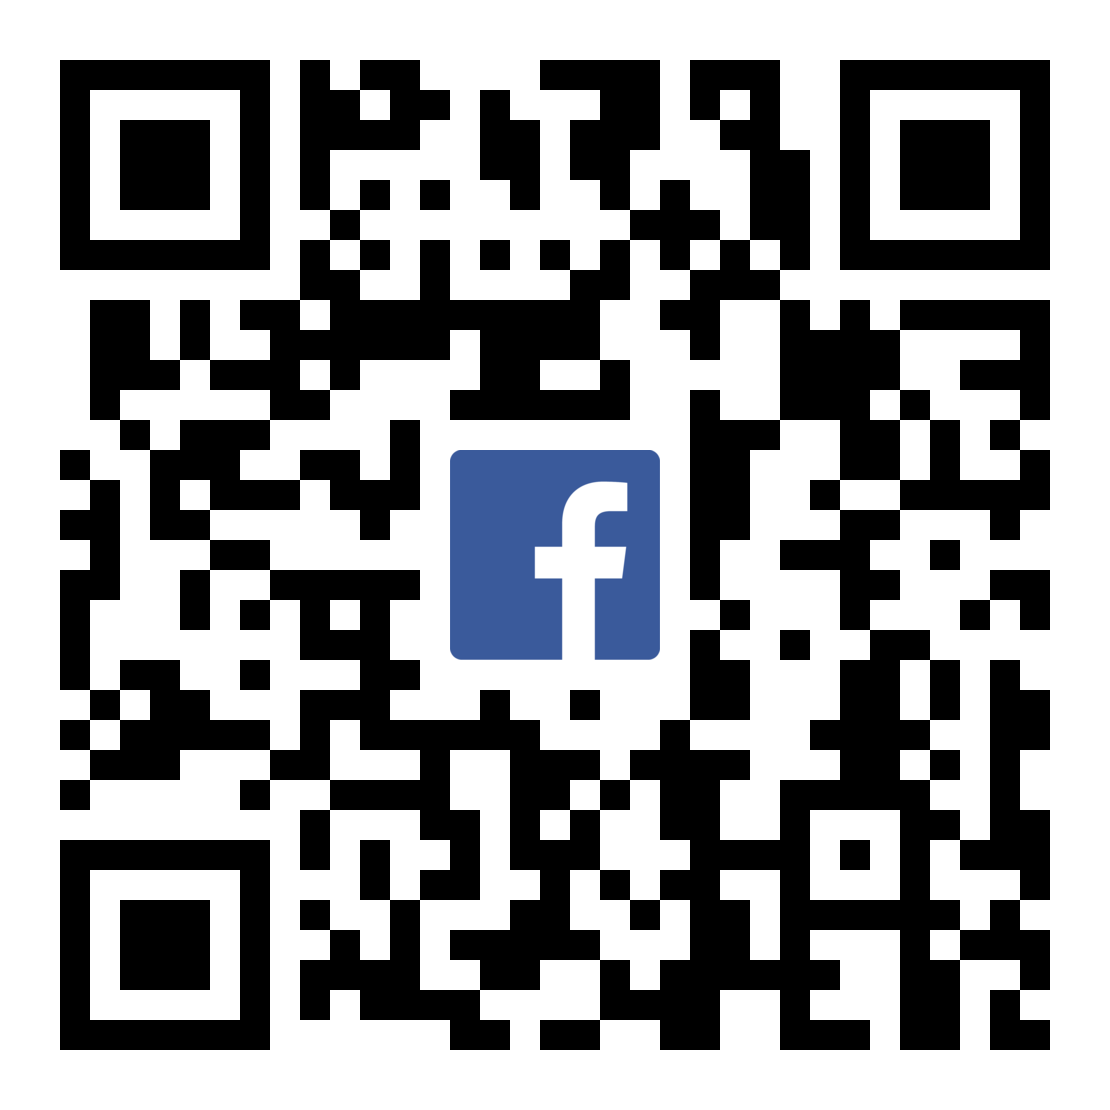 Zeskanuj skopiuj podaj dalej kod QR -Skanując kod QR przy użyciu urządzenia mobilnego, wyświetli się Wydarzenie na Facebooku, które jest aktualne.